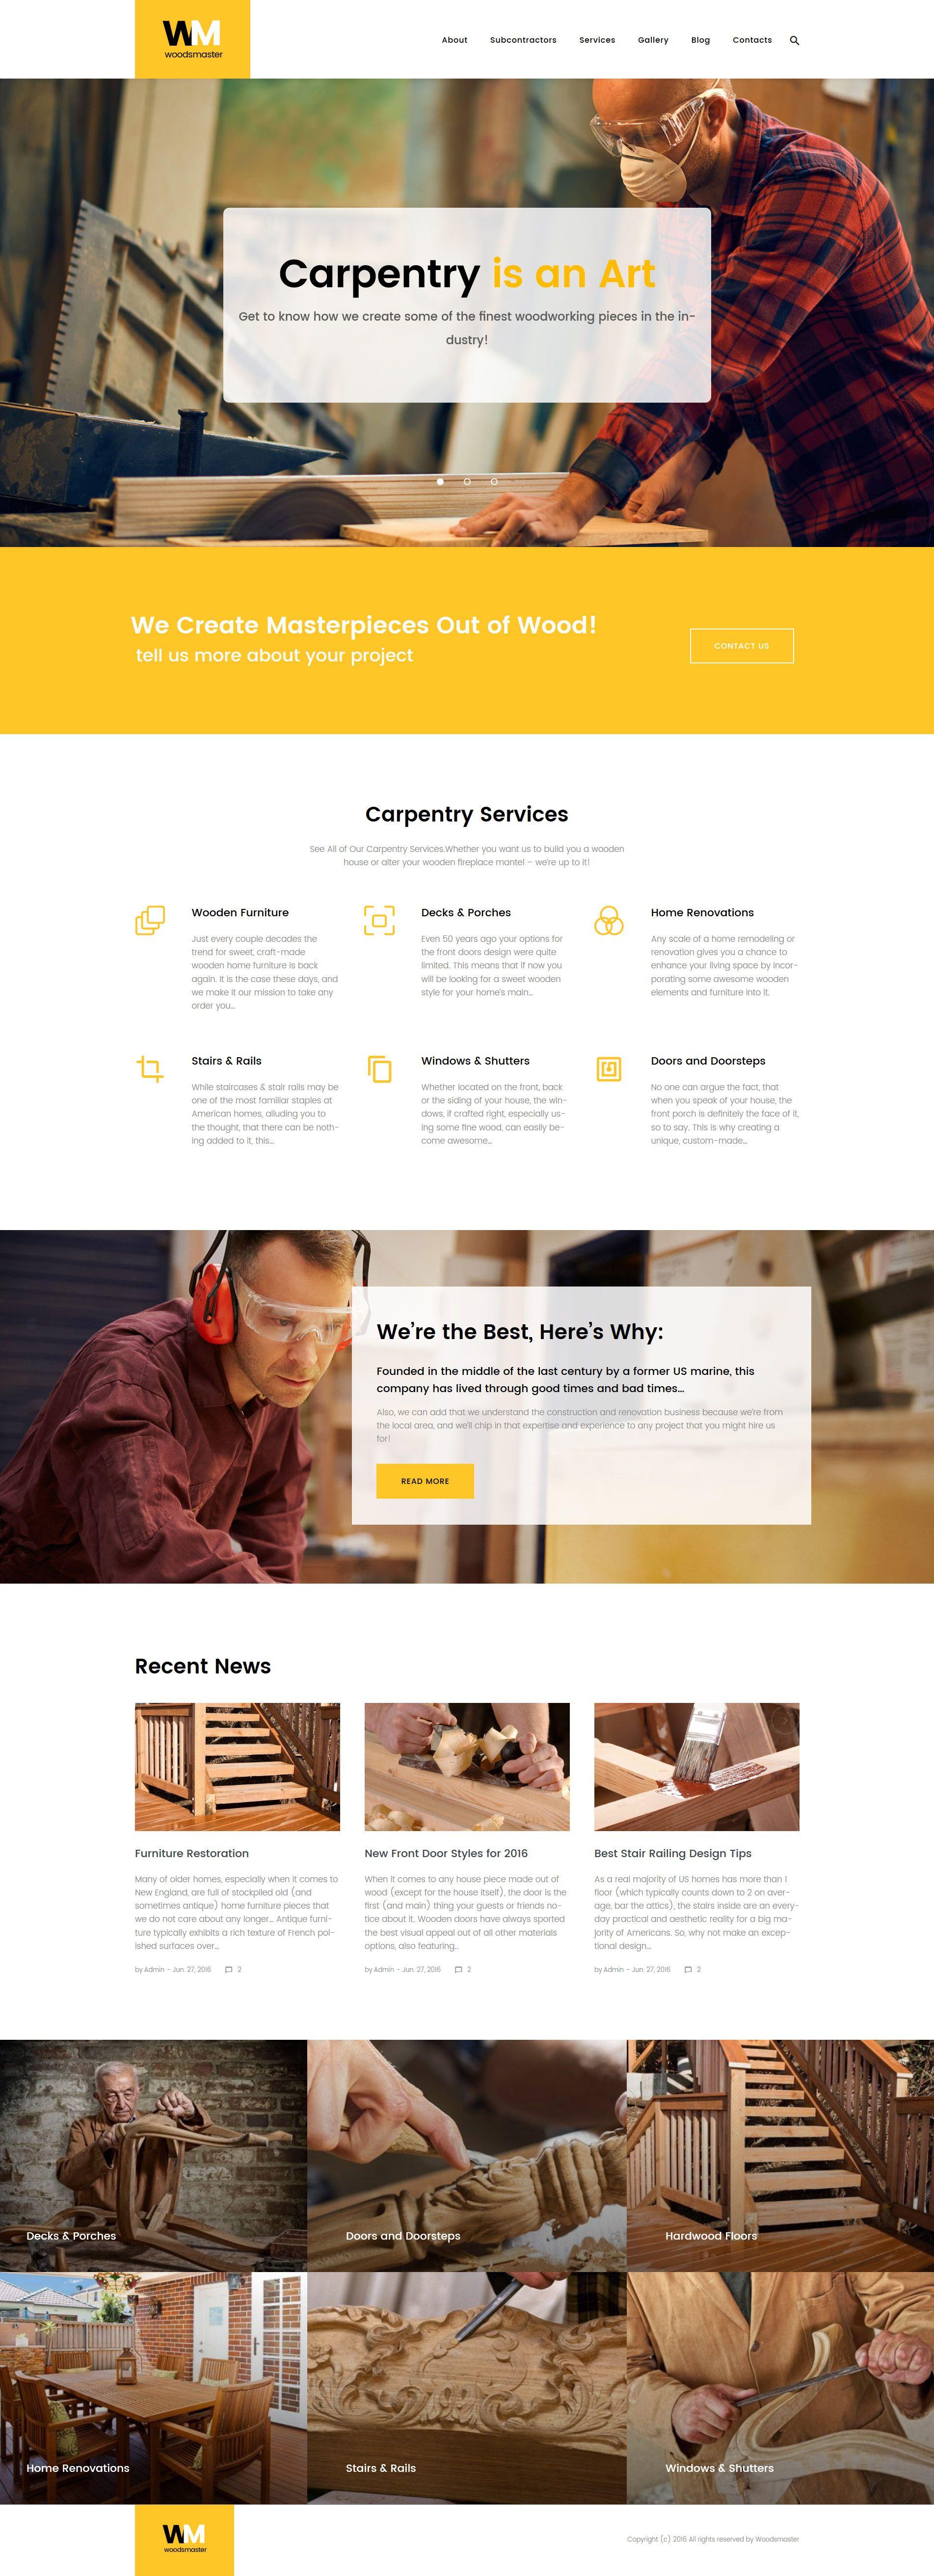 Woodsmaster Carpenter & Handyman WordPress Theme